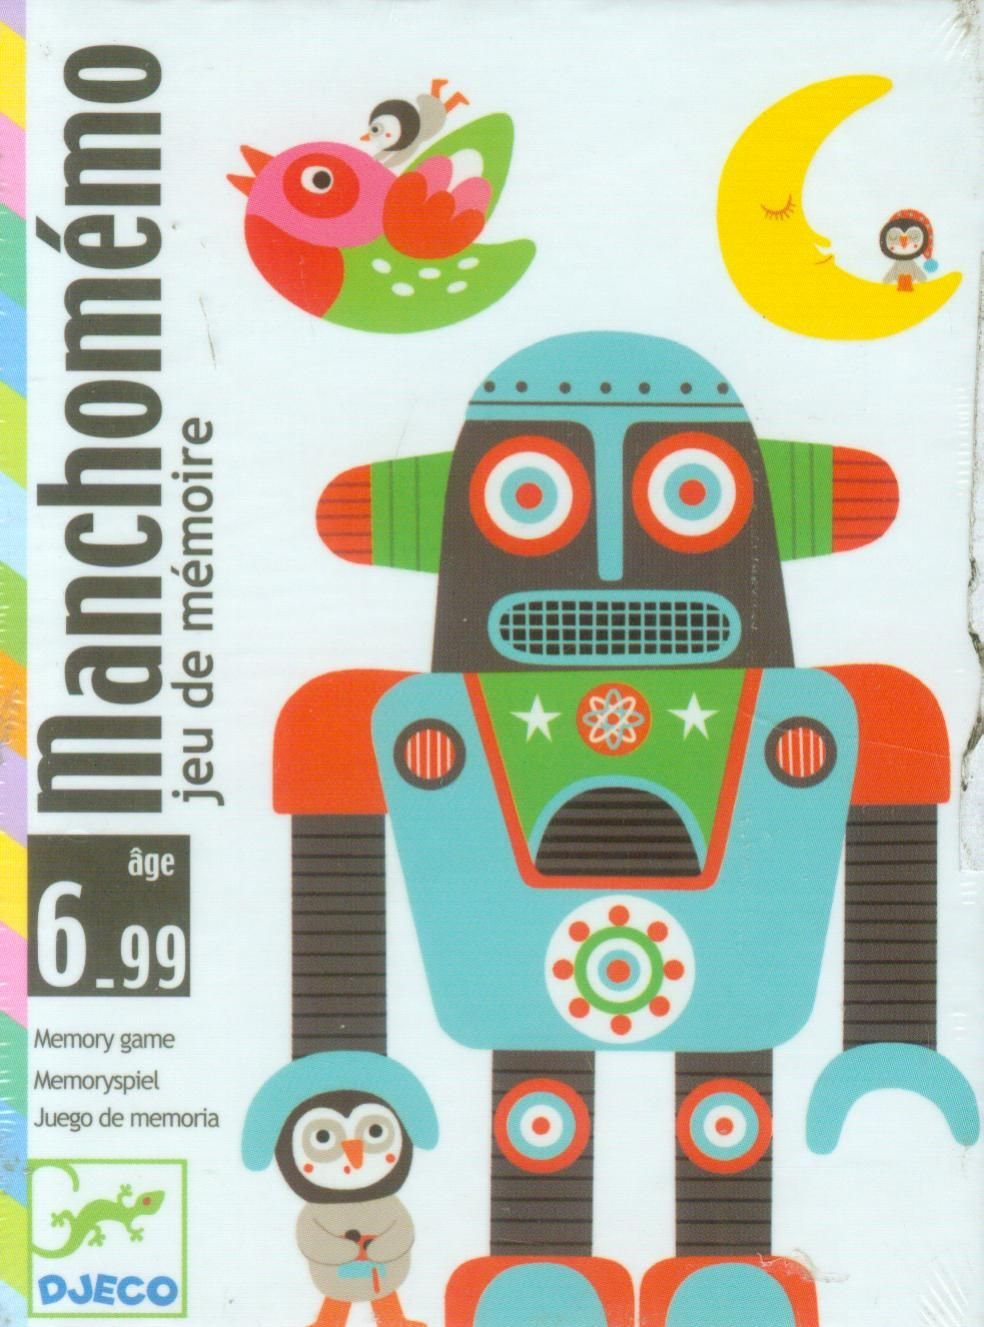 Djeco - Cartas manchomemo: Amazon.es: Libros en idiomas ...